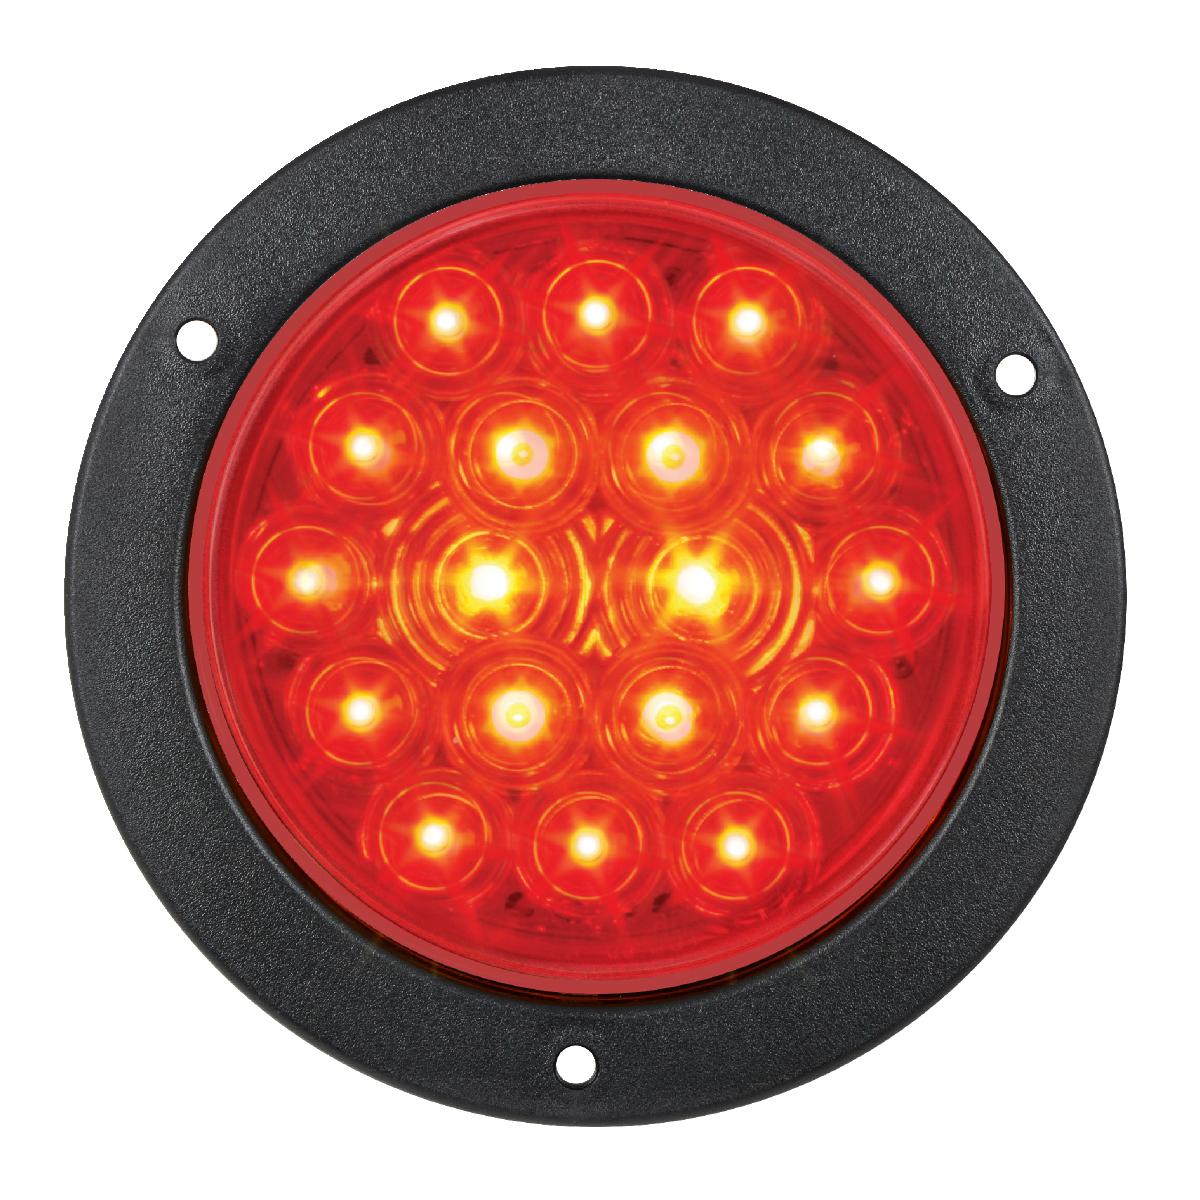 """75912 Red/Red 4"""" Fleet LED Light with Black Flange Mount"""